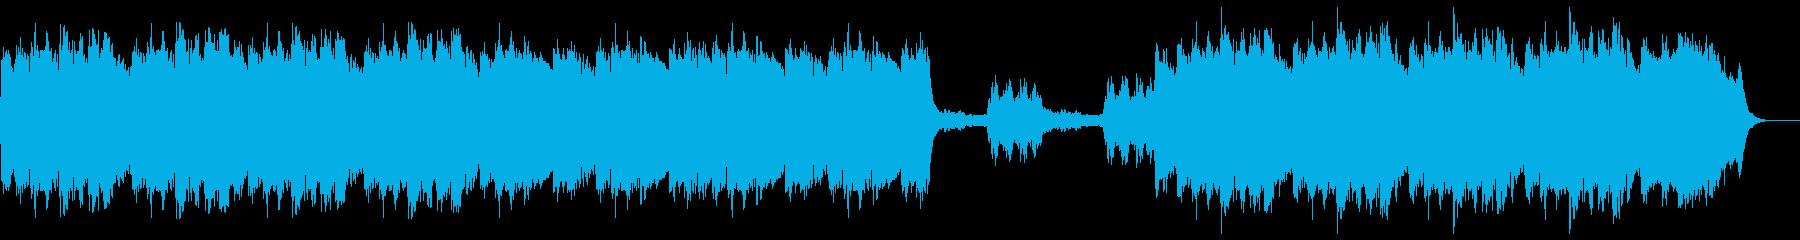 宇宙的でゆったりしたアンビエントの再生済みの波形